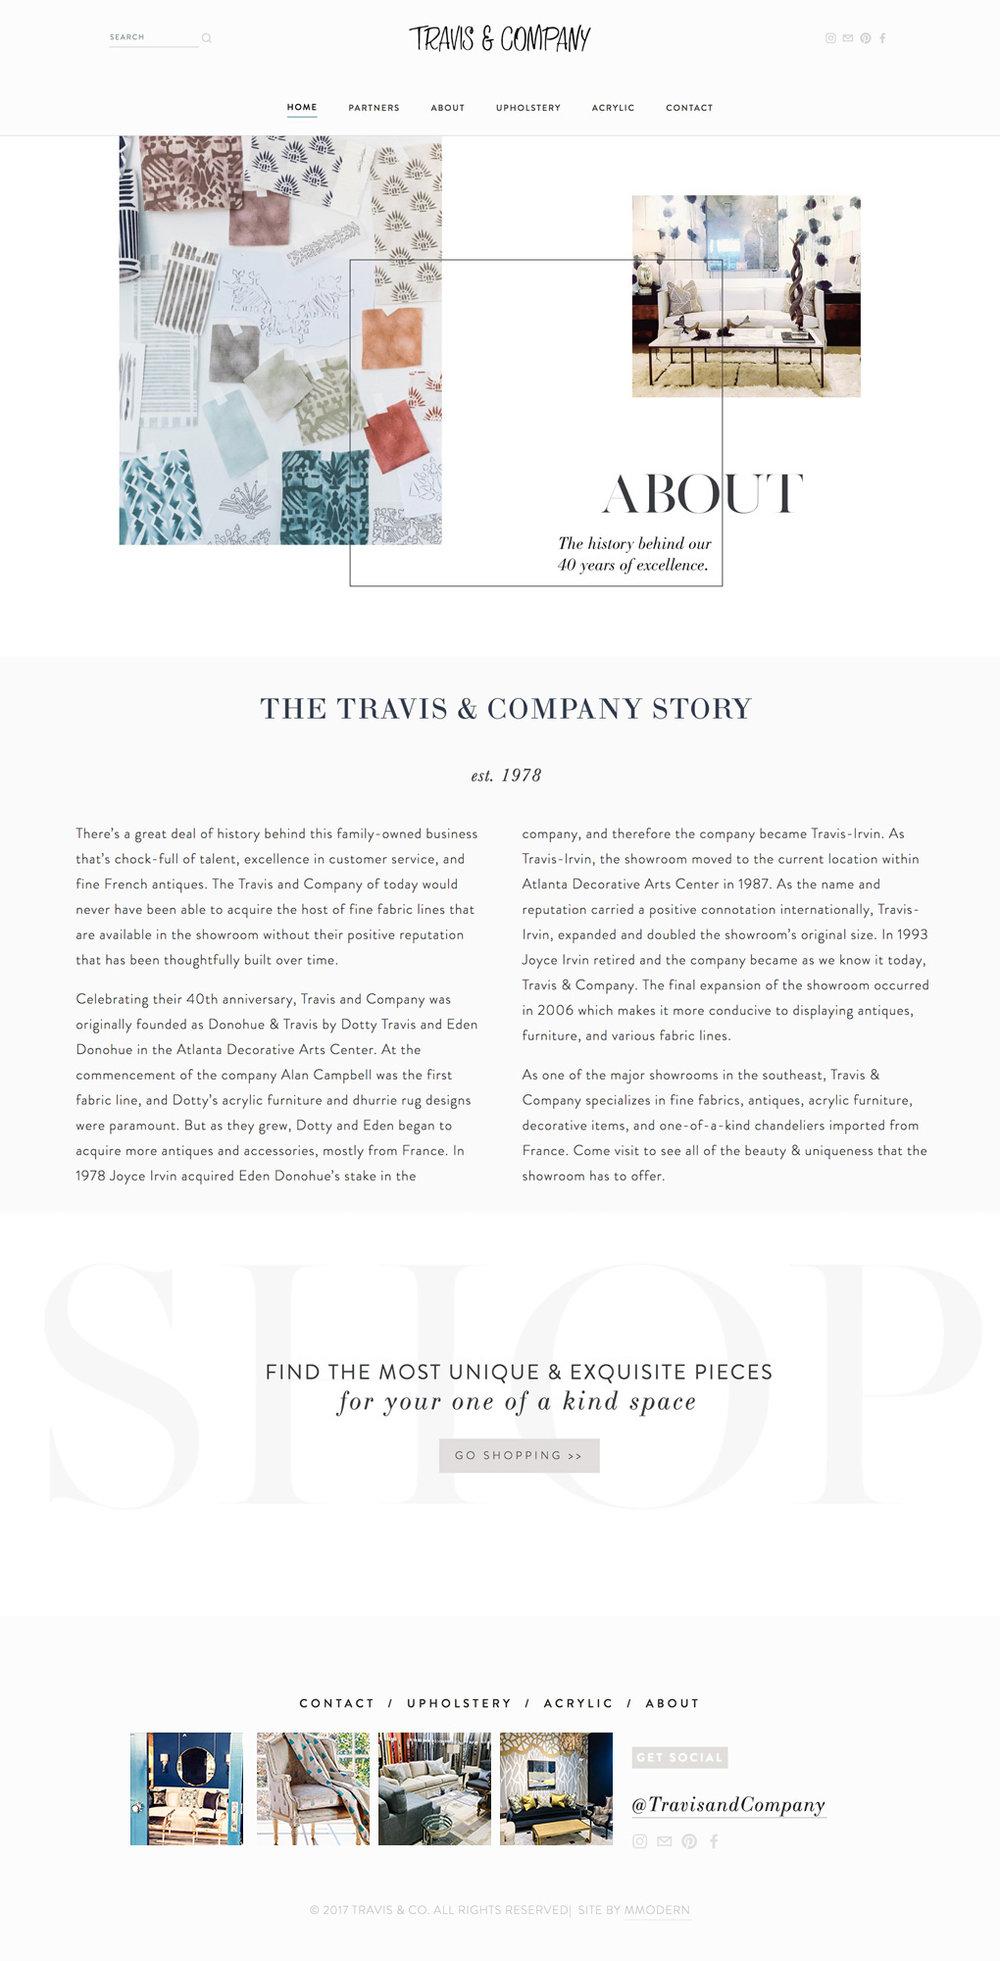 travis-page-2.jpg